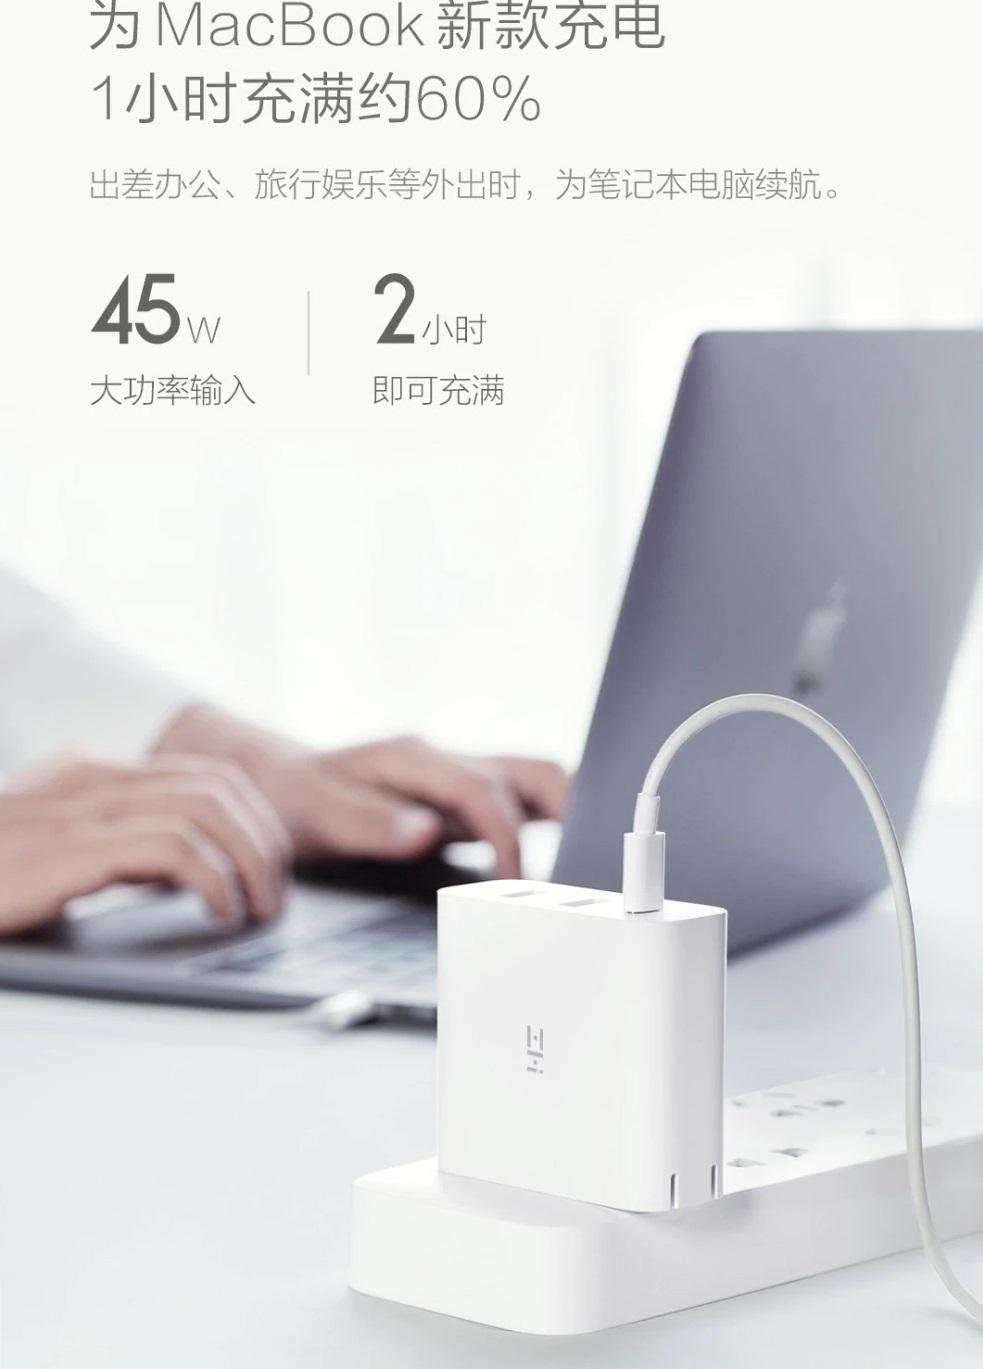 Cargador Xiaomi Mijia ZMI 65WPotencia 60%